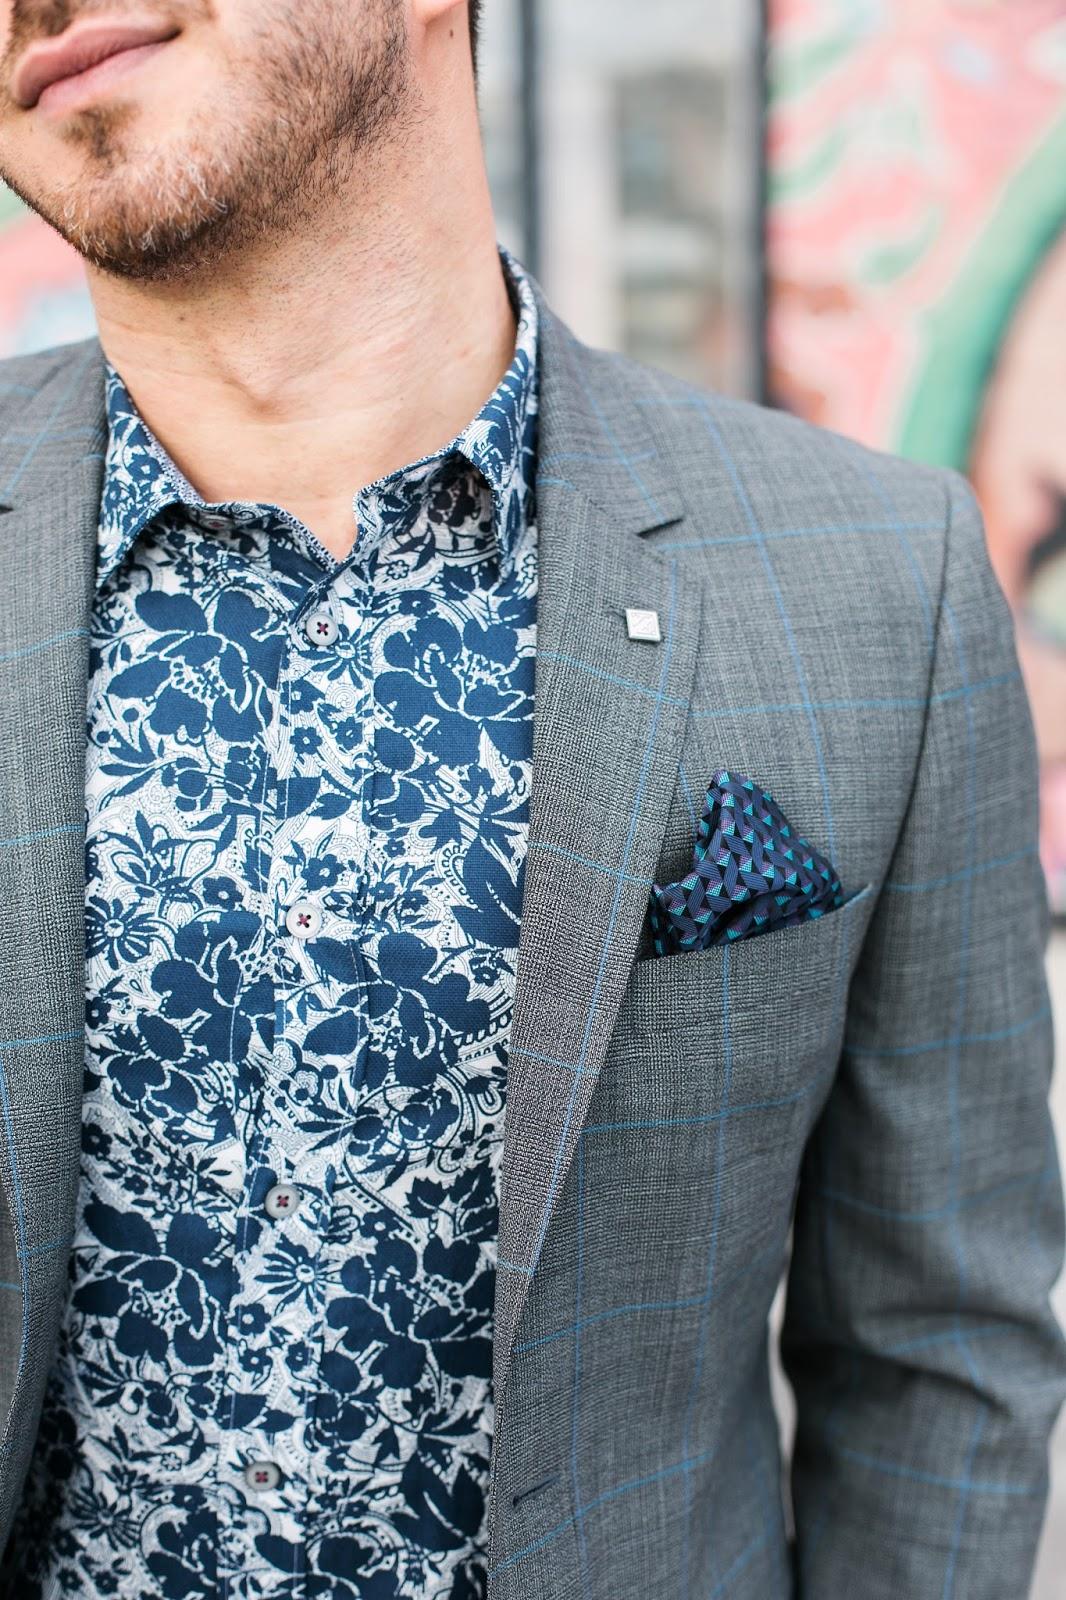 Bijuleni - Ted Baker grey suit details